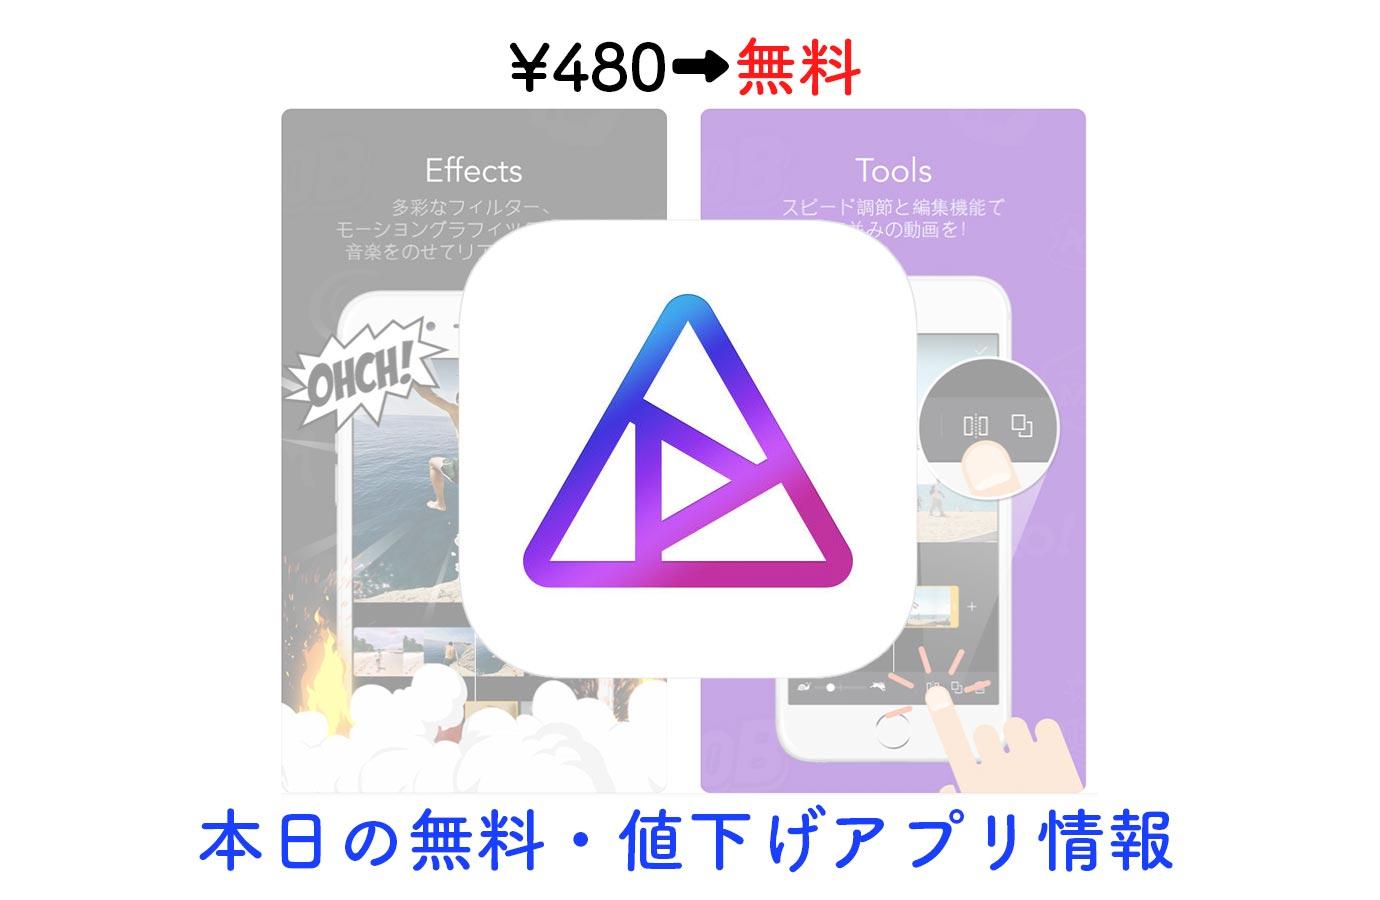 480円→無料、多彩なフィルターやスタンプなどが搭載された動画編集アプリ「ALIVE」など【5/23】セールアプリ情報